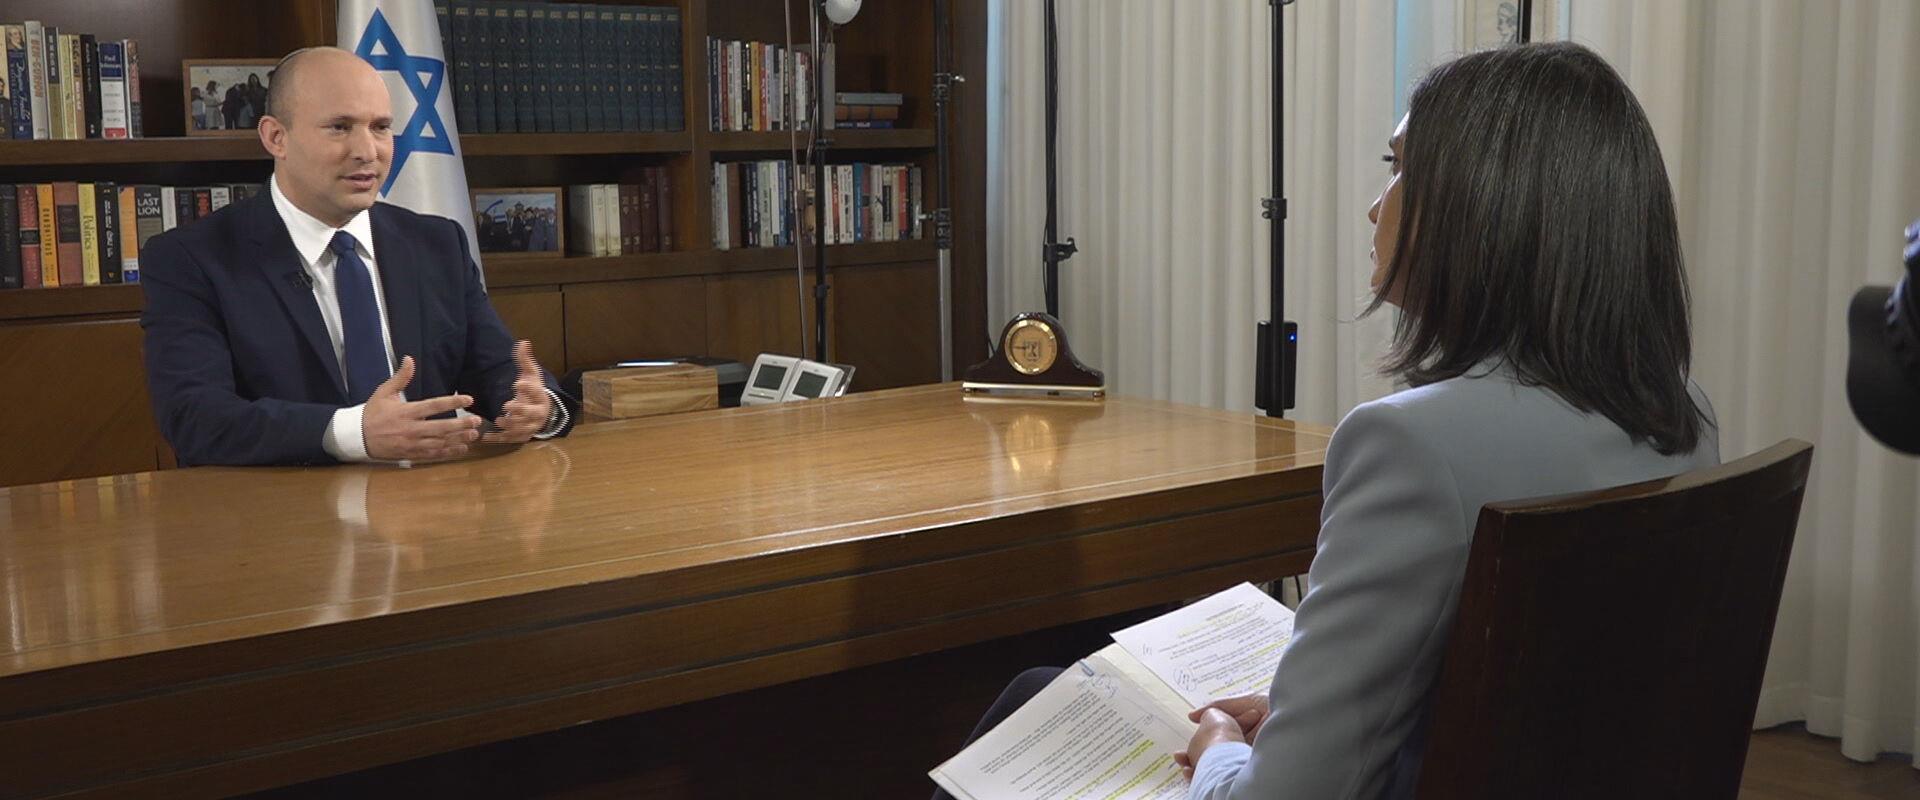 رئيس الوزراء بينيت